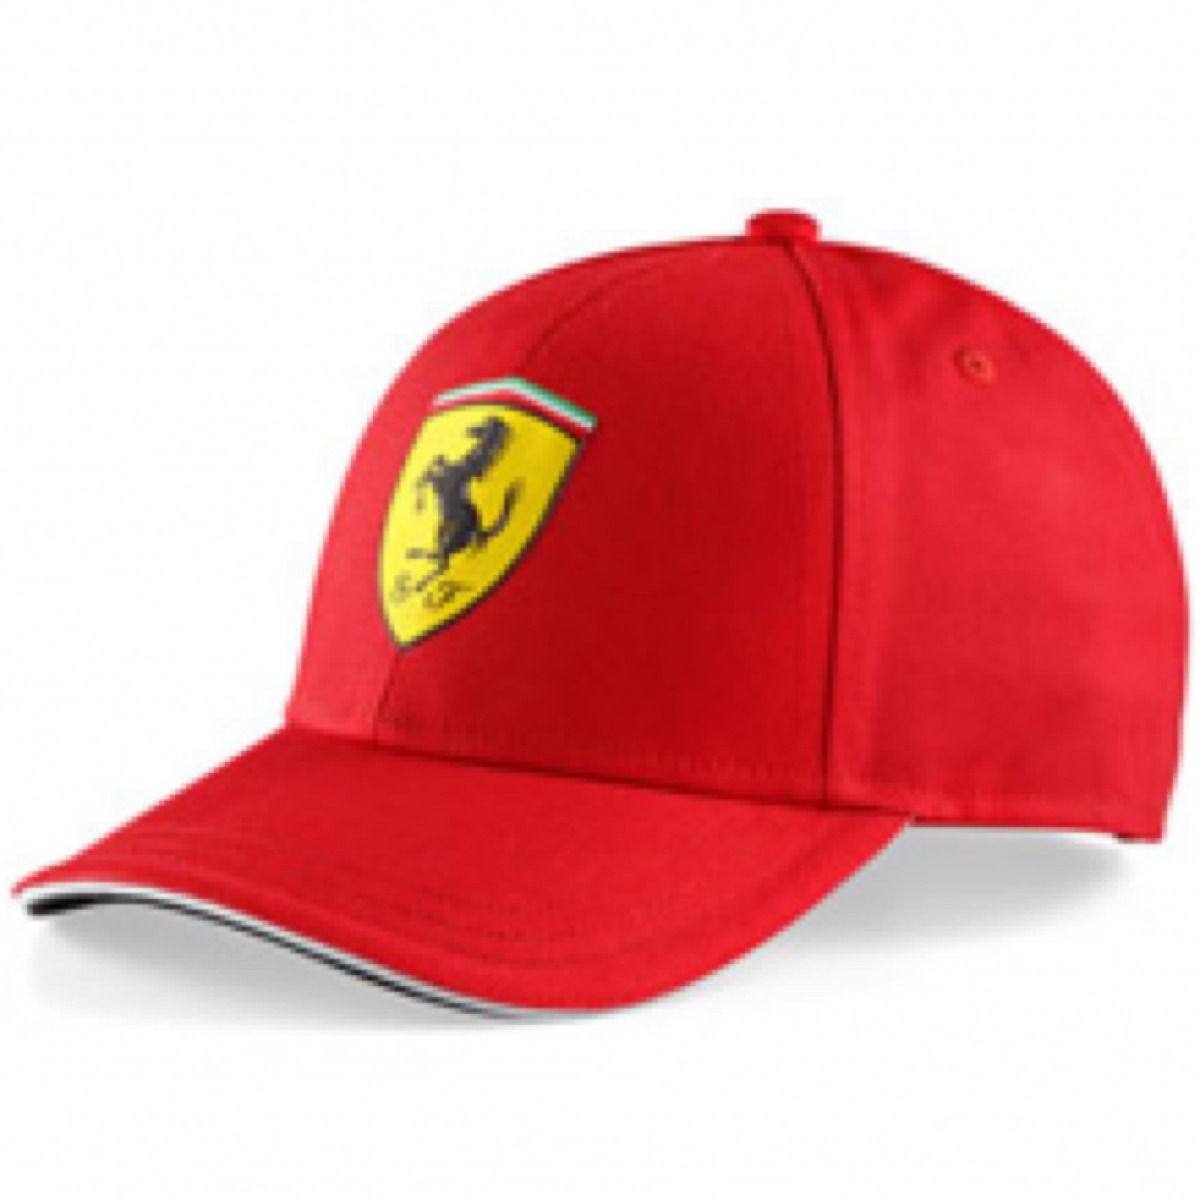 F1 Gorra Clasica Rojo Scuderia Ferrari Original -   730.00 en ... 1f0417c9ac9